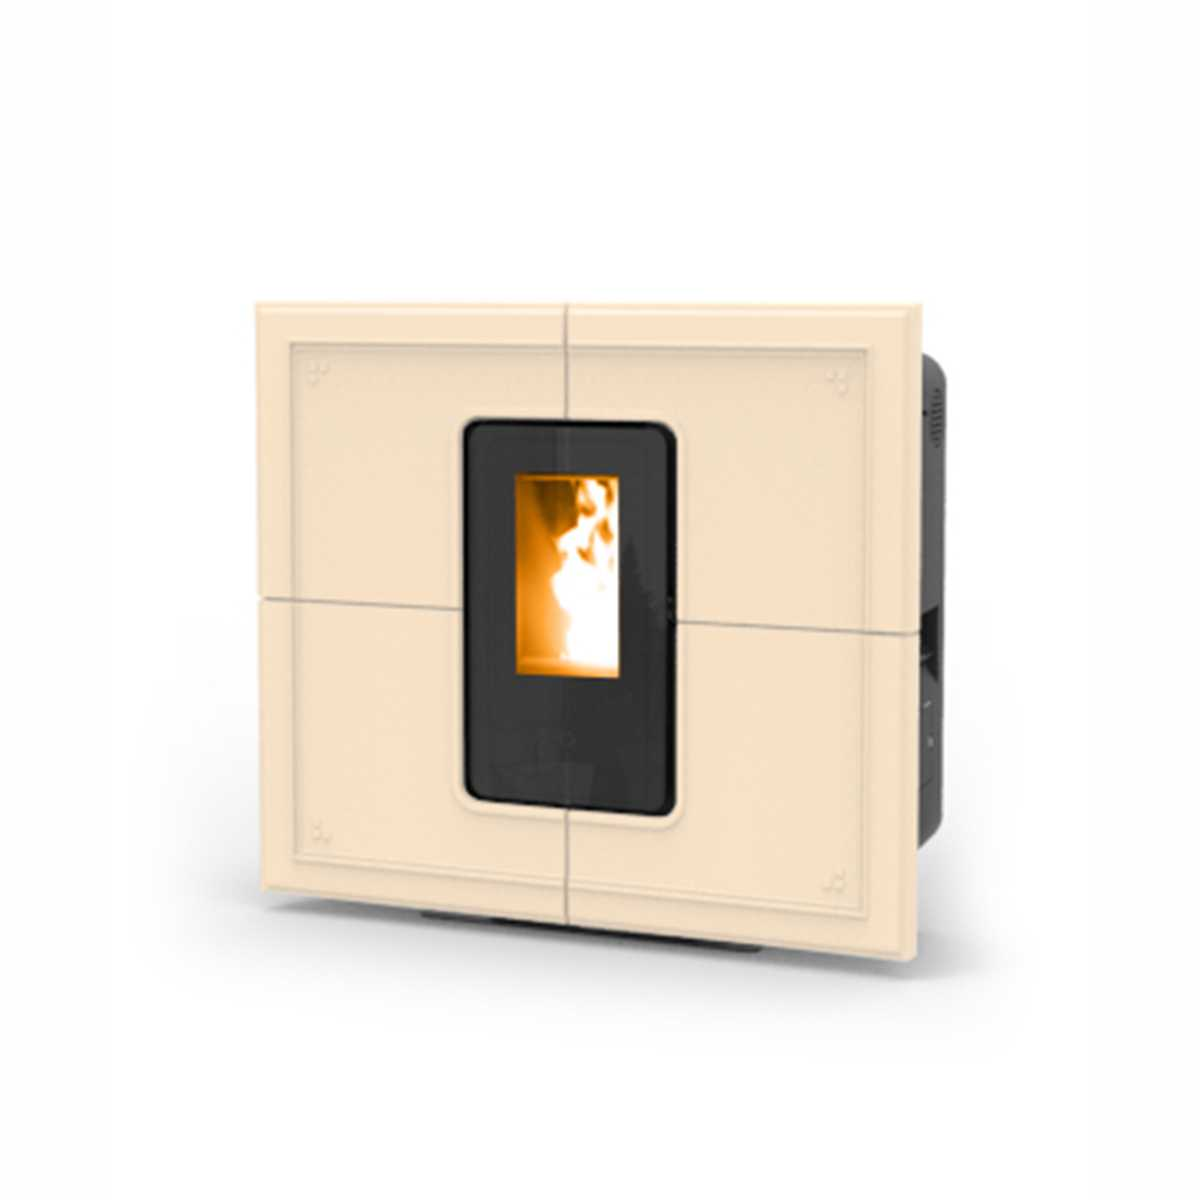 Termostufa a pellet  Thermorossi modello  'SlimQuadro Idra Maiolica' con assetto cenere e maniglia amovibile - color beige